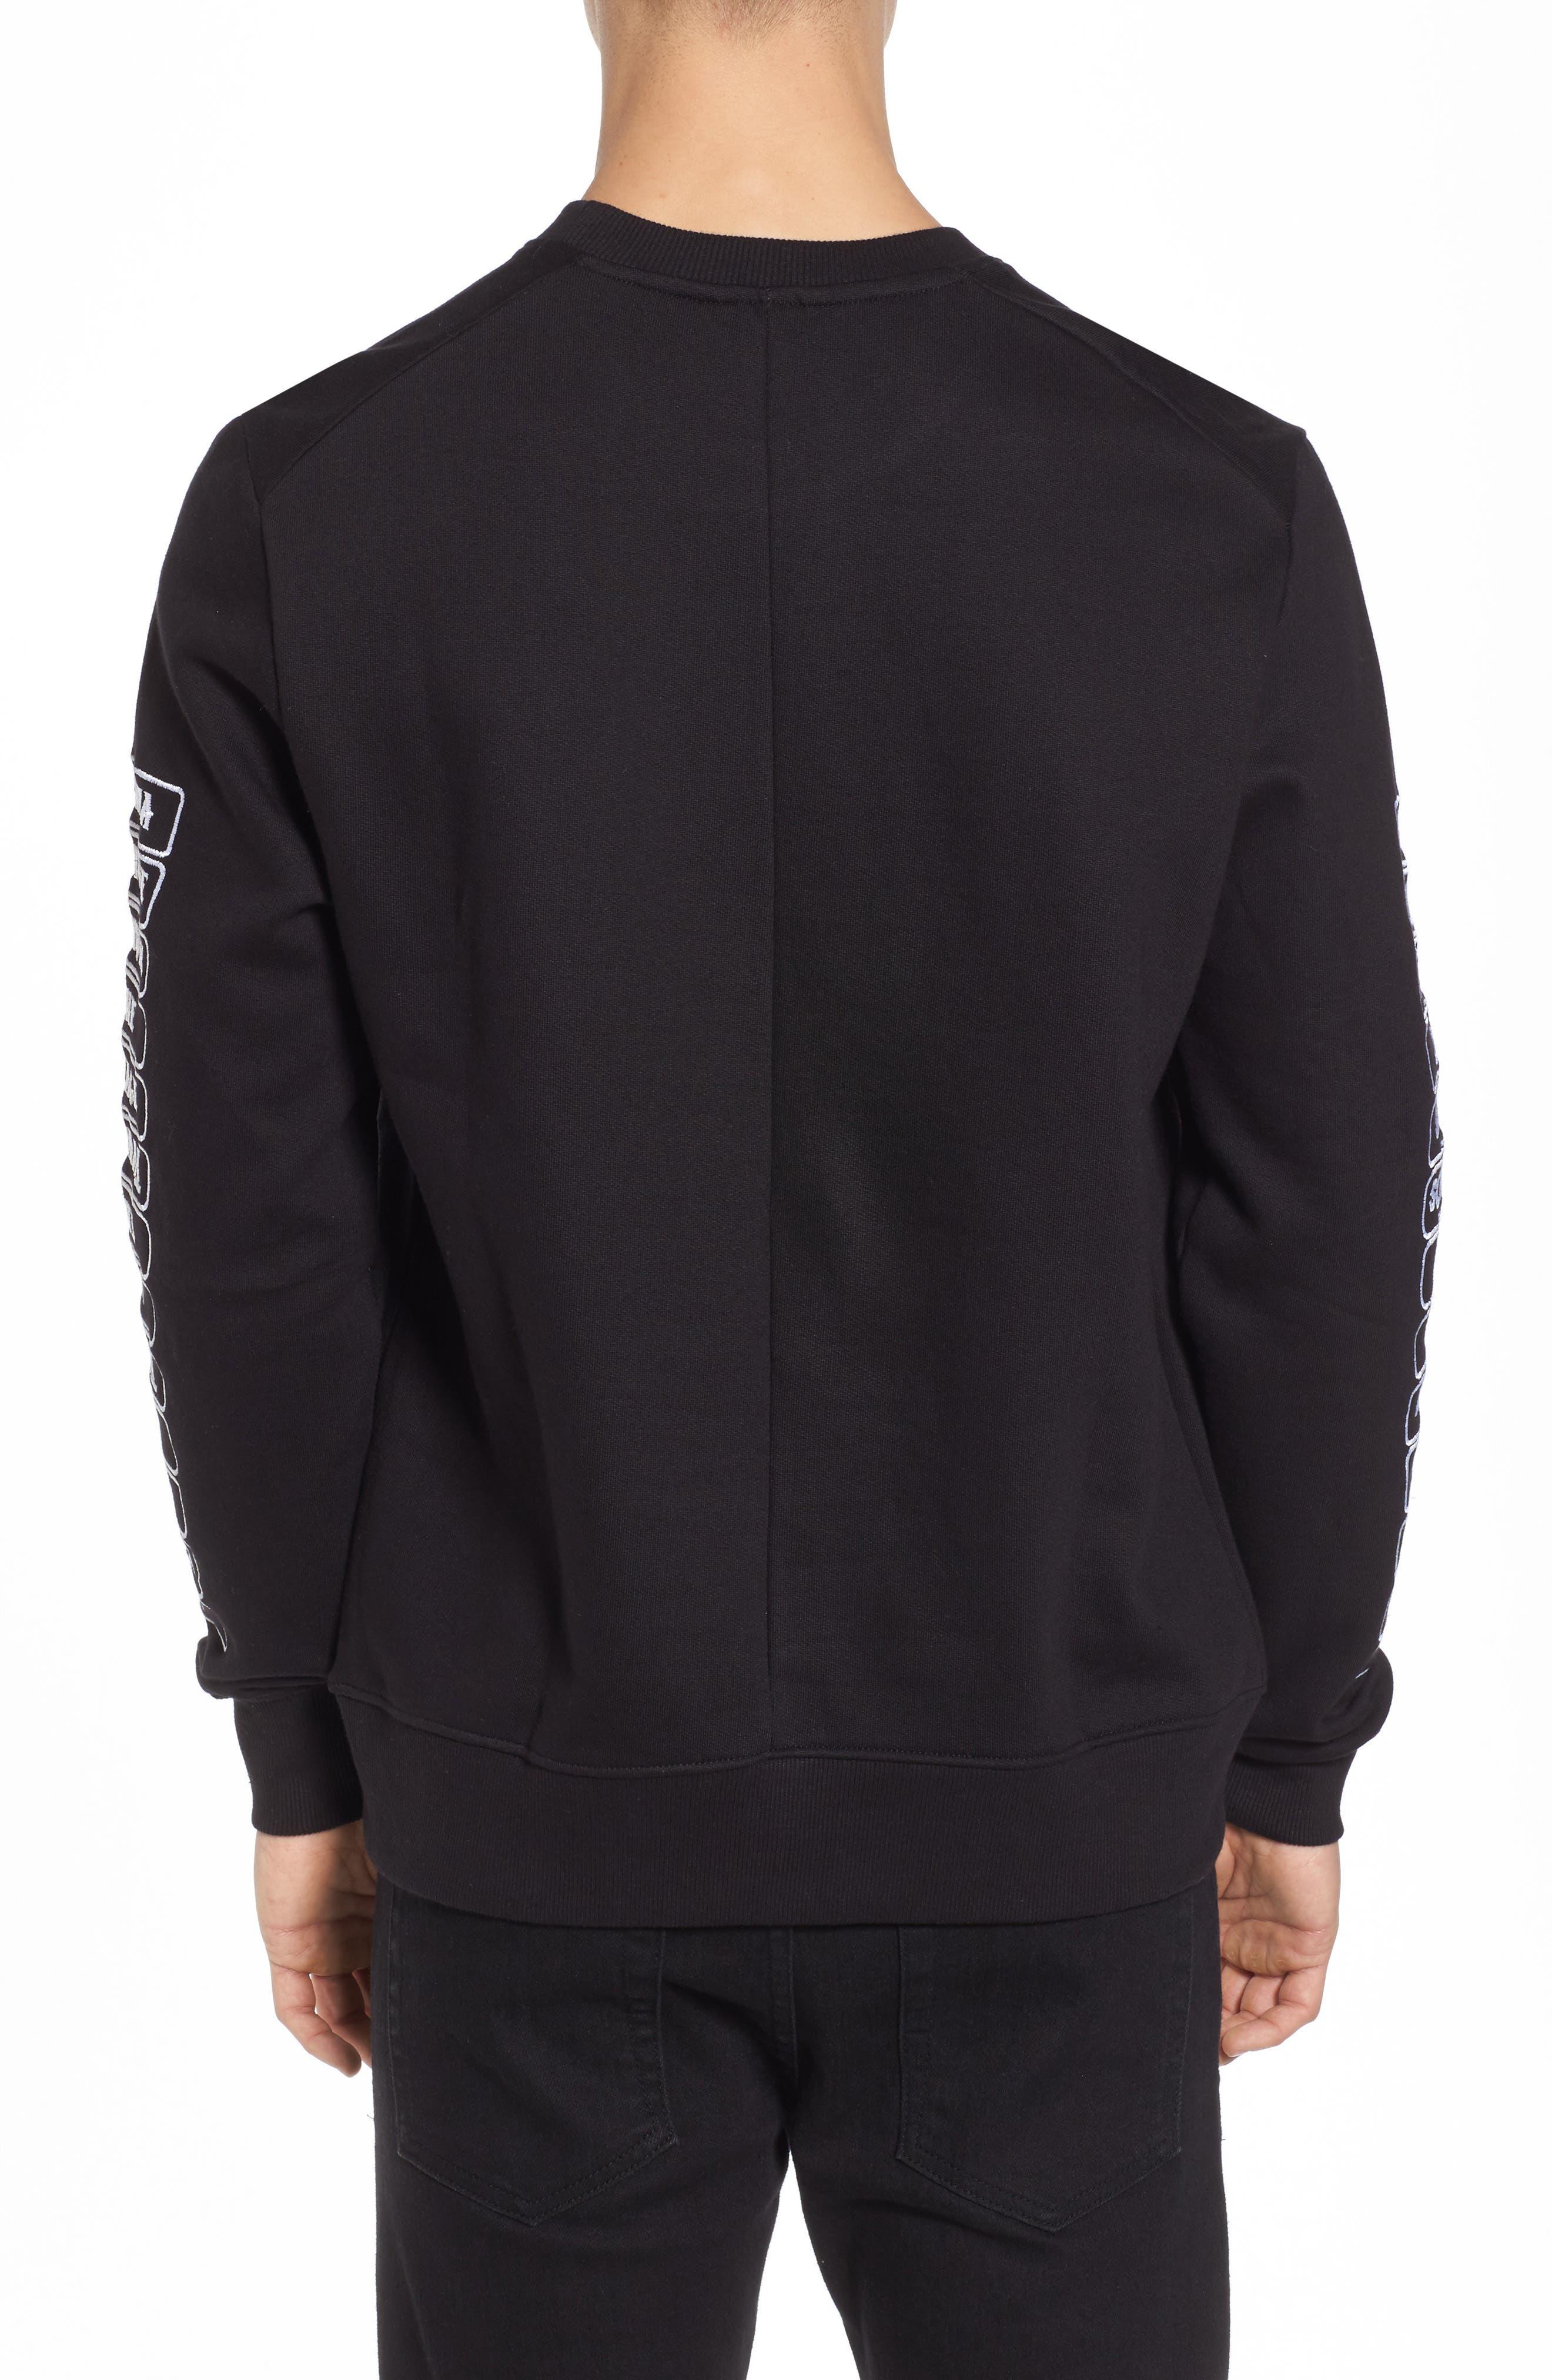 Meace Fleece Sweatshirt,                             Alternate thumbnail 2, color,                             002